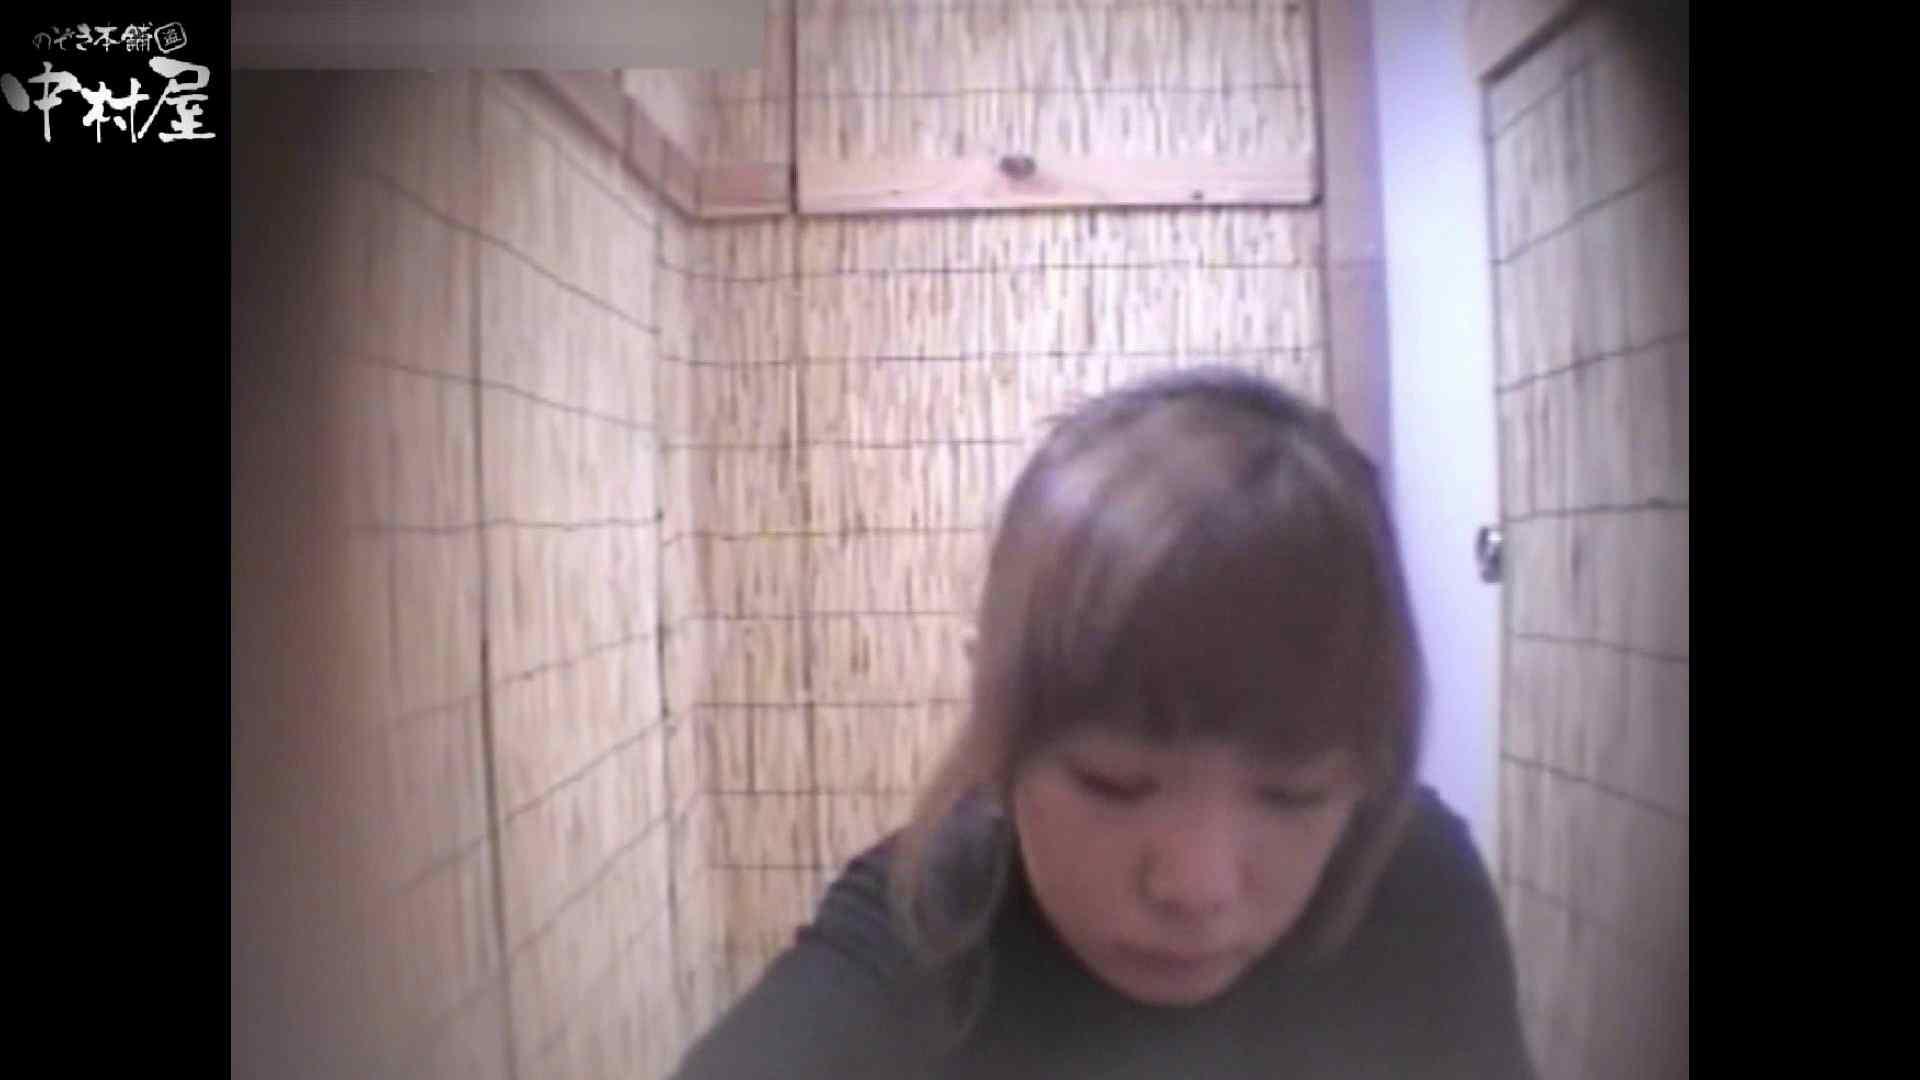 解禁!海の家4カメ洗面所vol.78 ギャルのエロ動画  82PIX 54